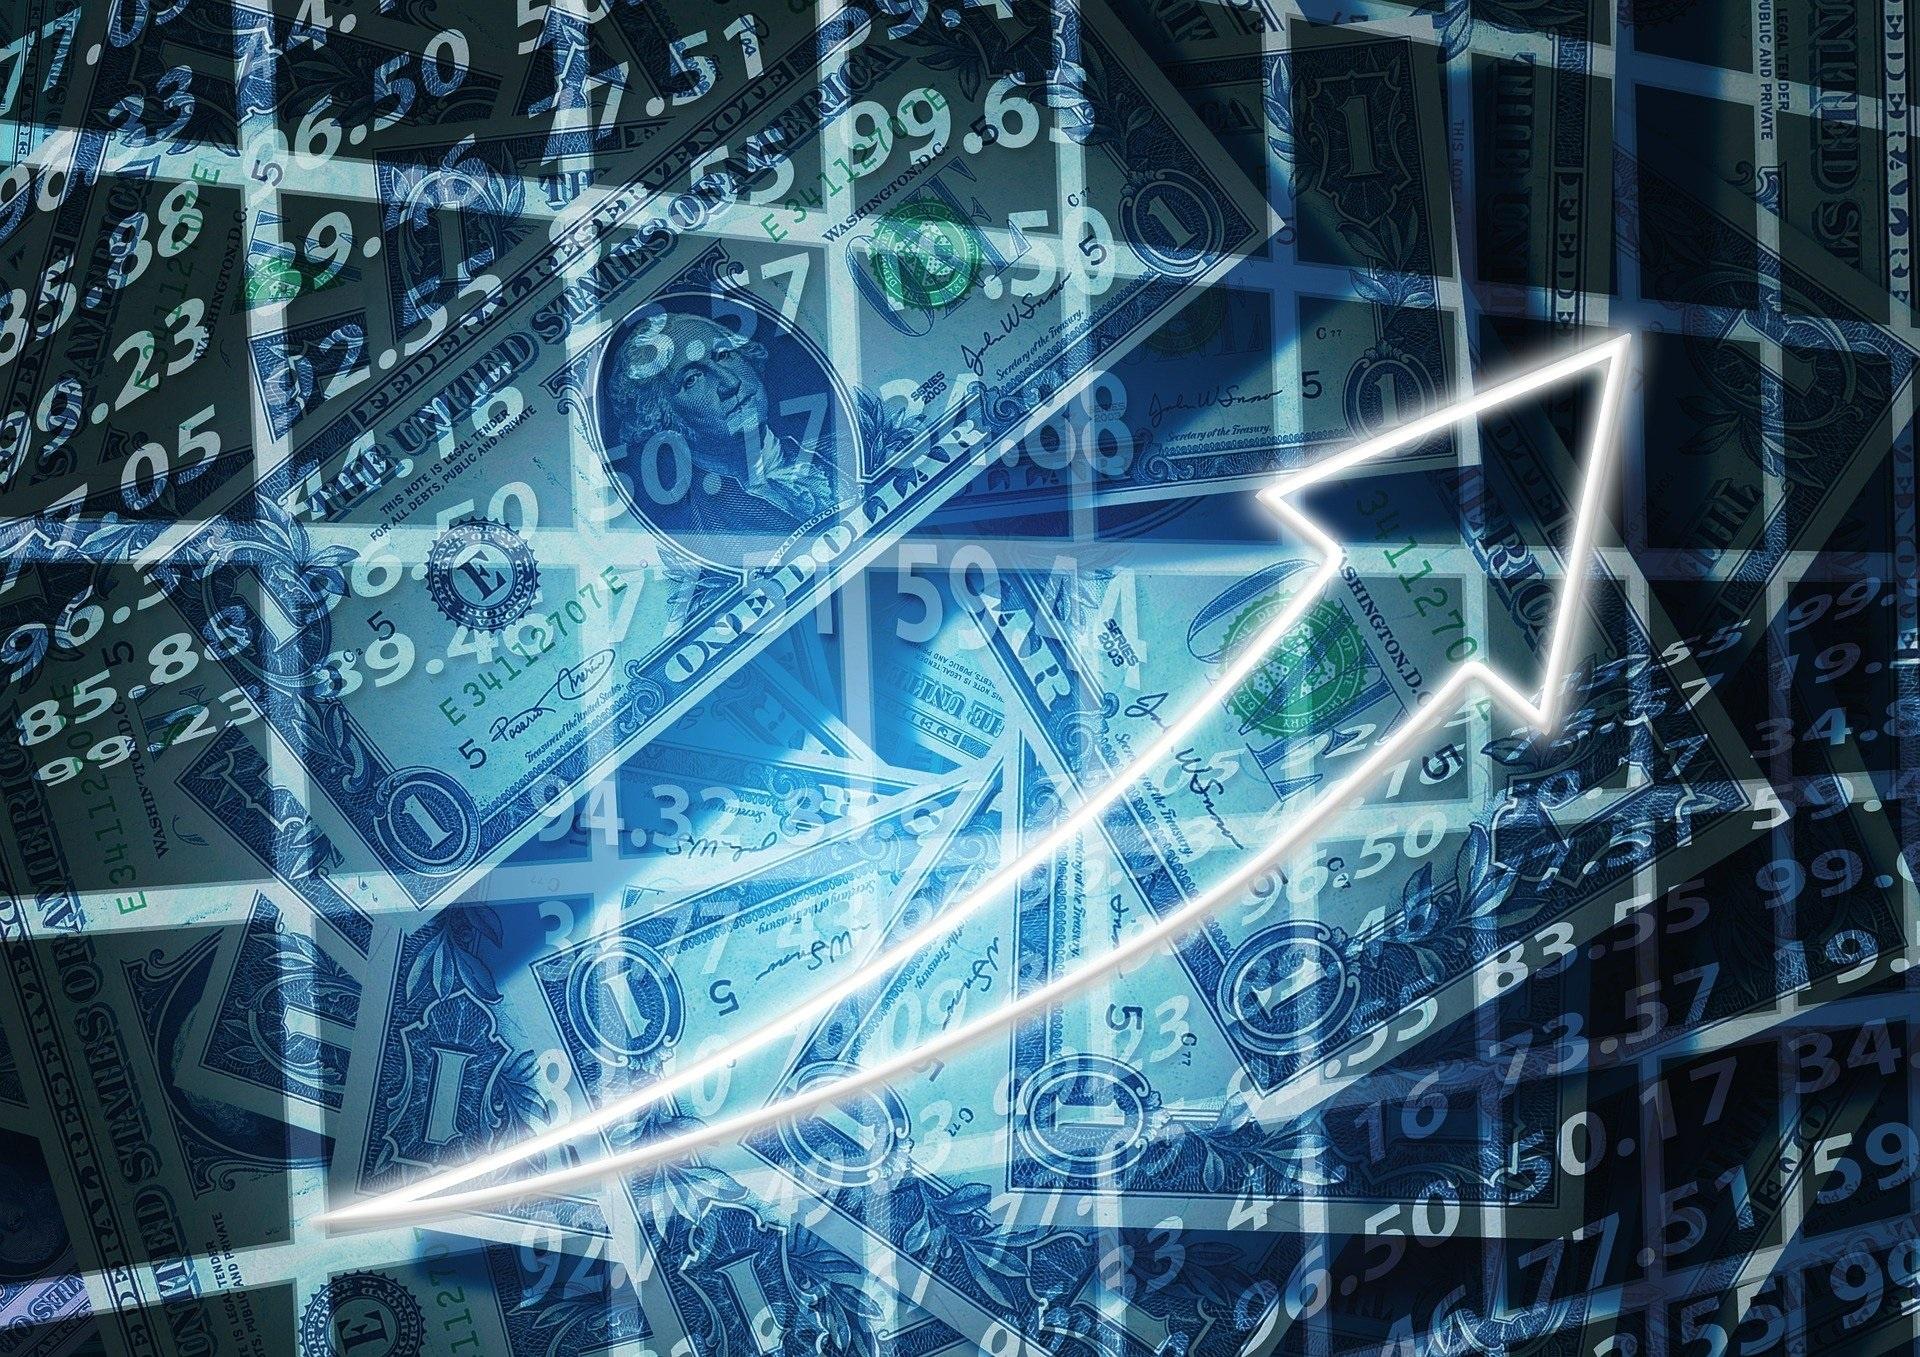 БУТБ: обновление единых ценовых коридоров